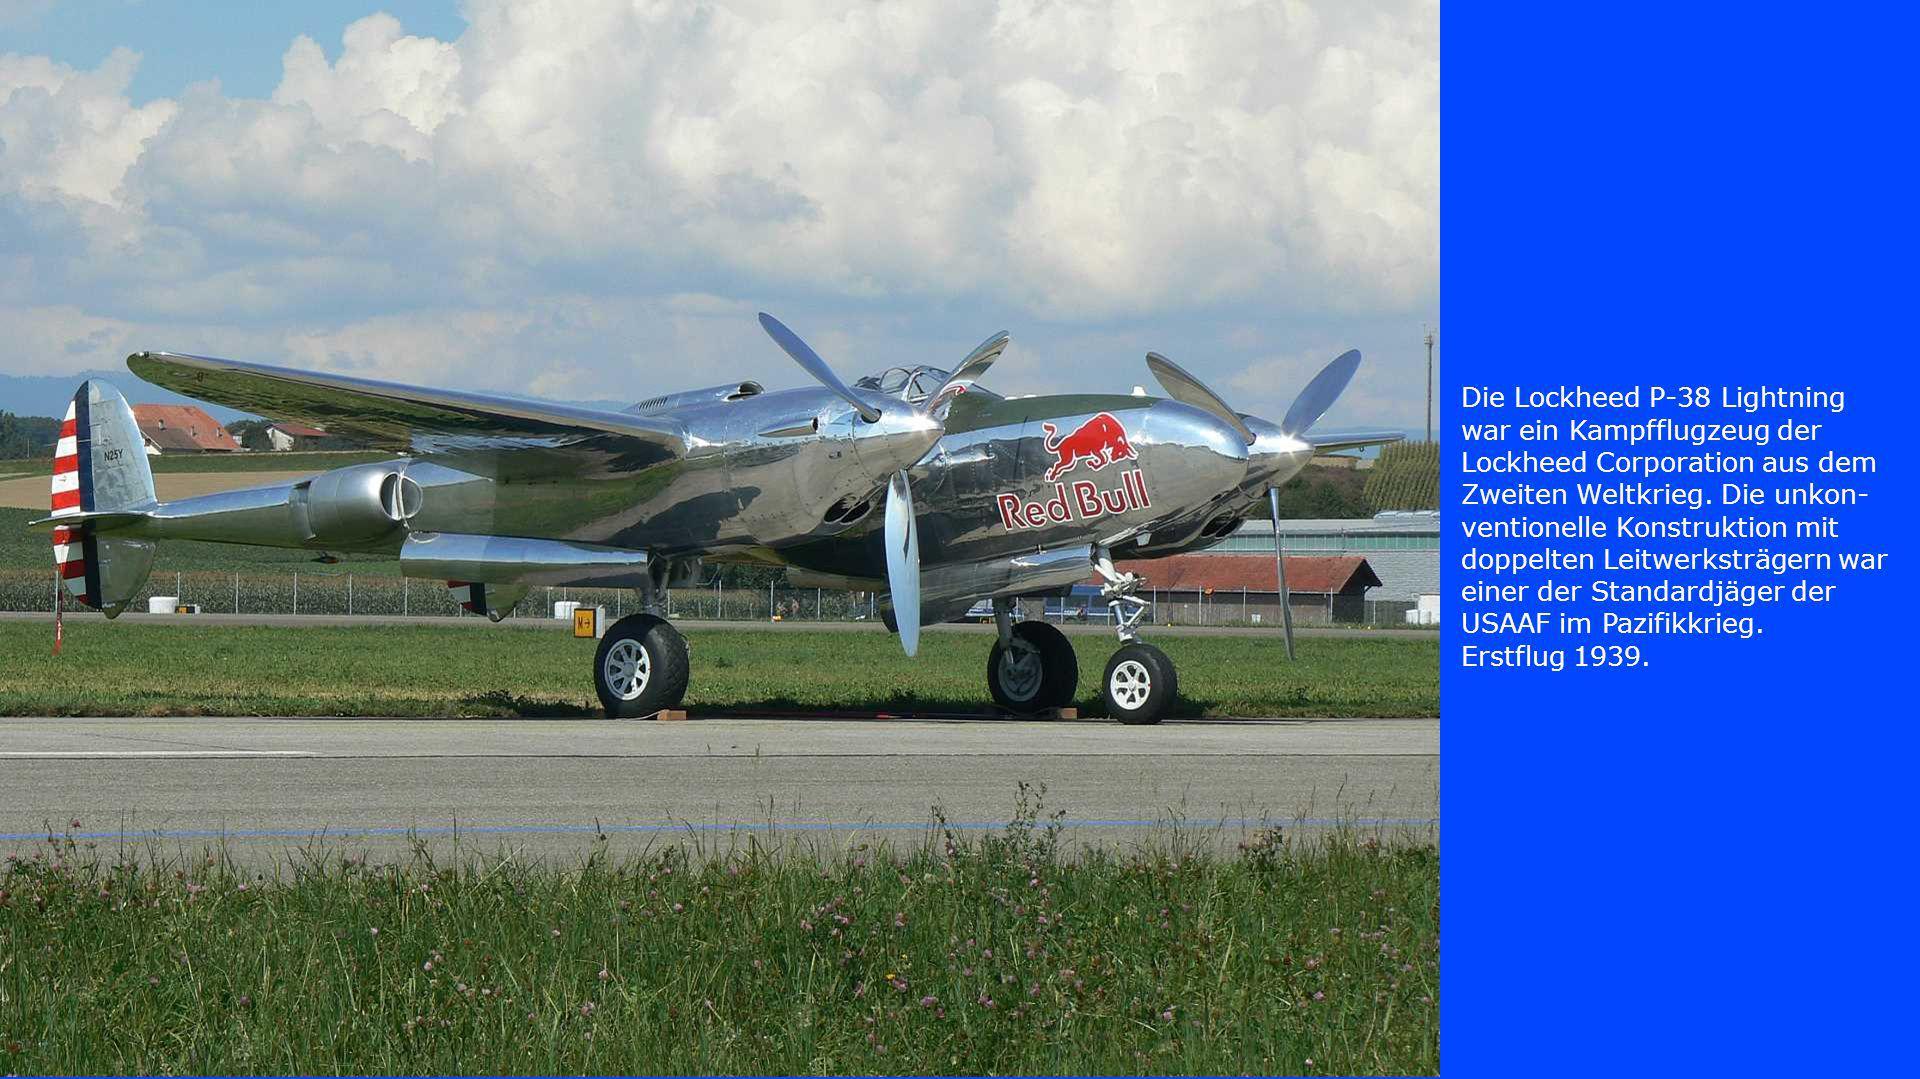 Die Lockheed P-38 Lightning war ein Kampfflugzeug der Lockheed Corporation aus dem Zweiten Weltkrieg. Die unkon-ventionelle Konstruktion mit doppelten Leitwerksträgern war einer der Standardjäger der USAAF im Pazifikkrieg.